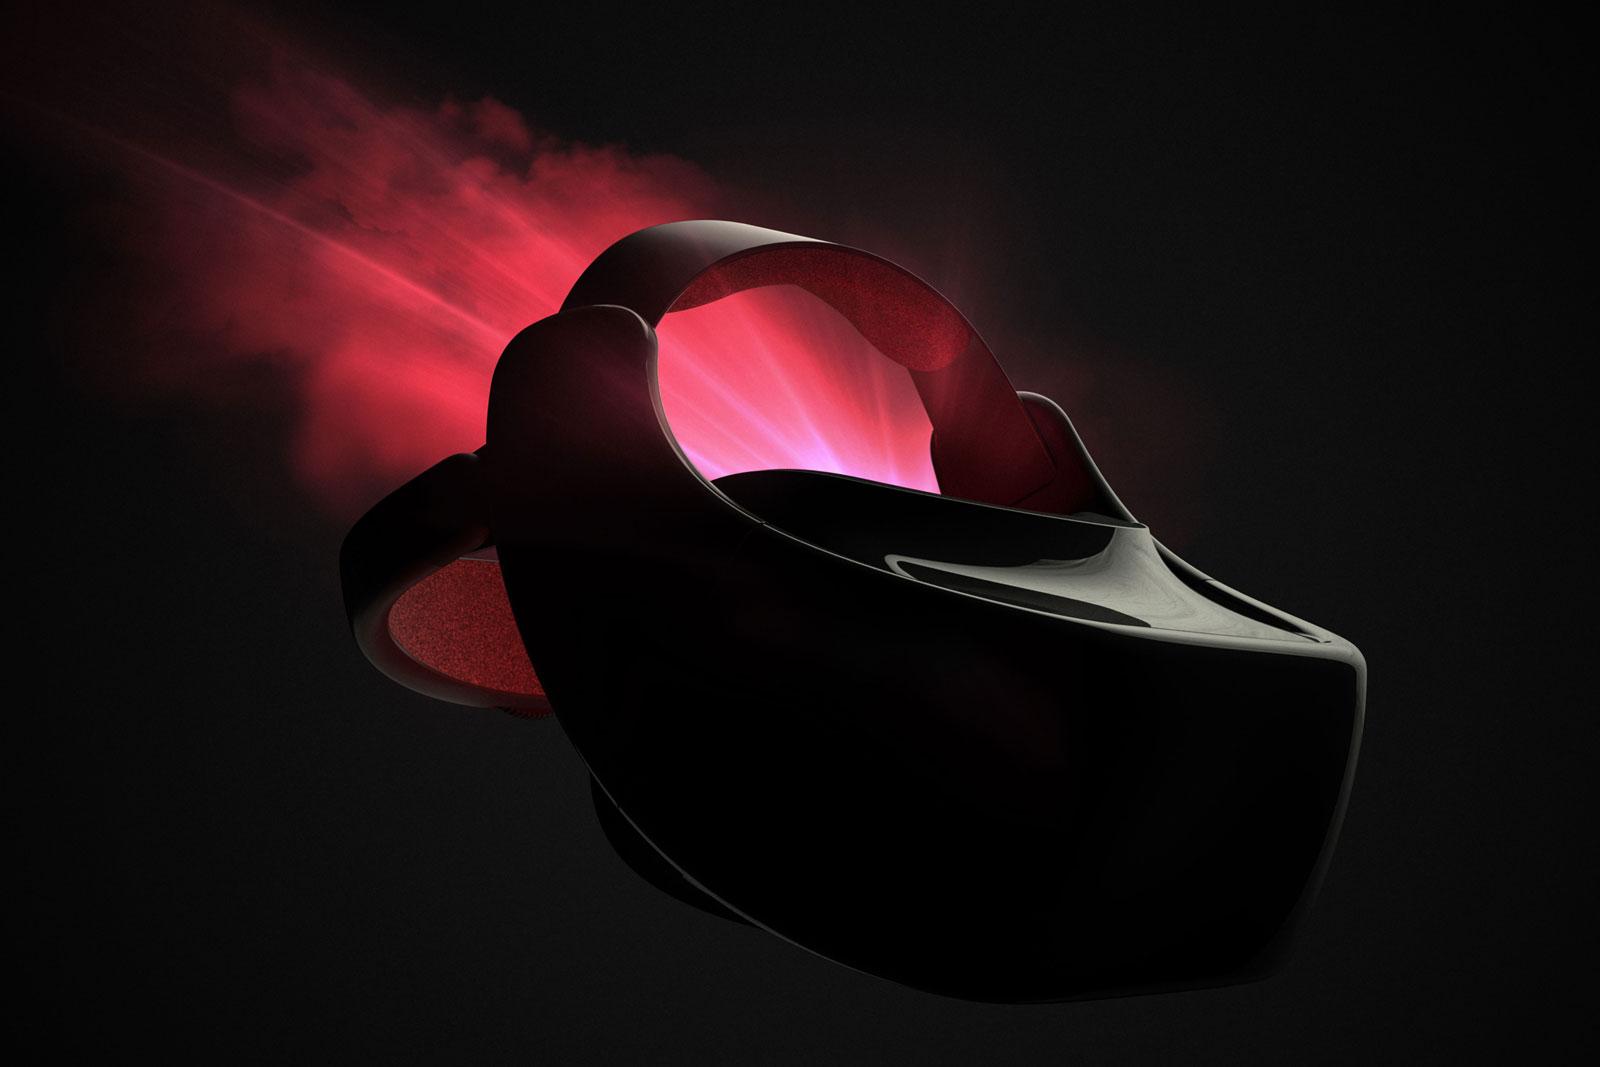 El casco de realidad virtual que sí comprarías solo se vende en China